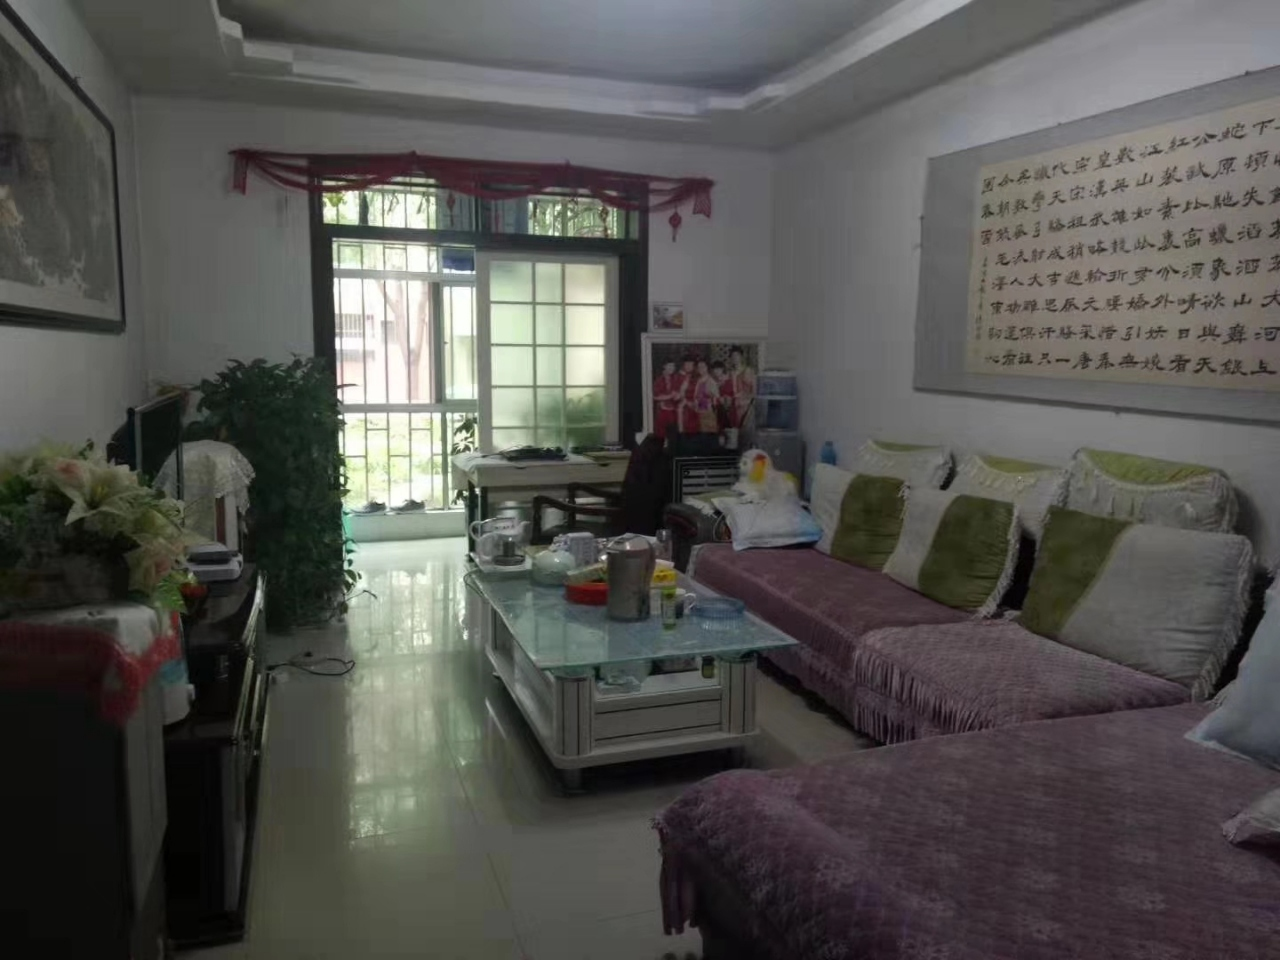 龙兴源小区3室2厅2卫48万元